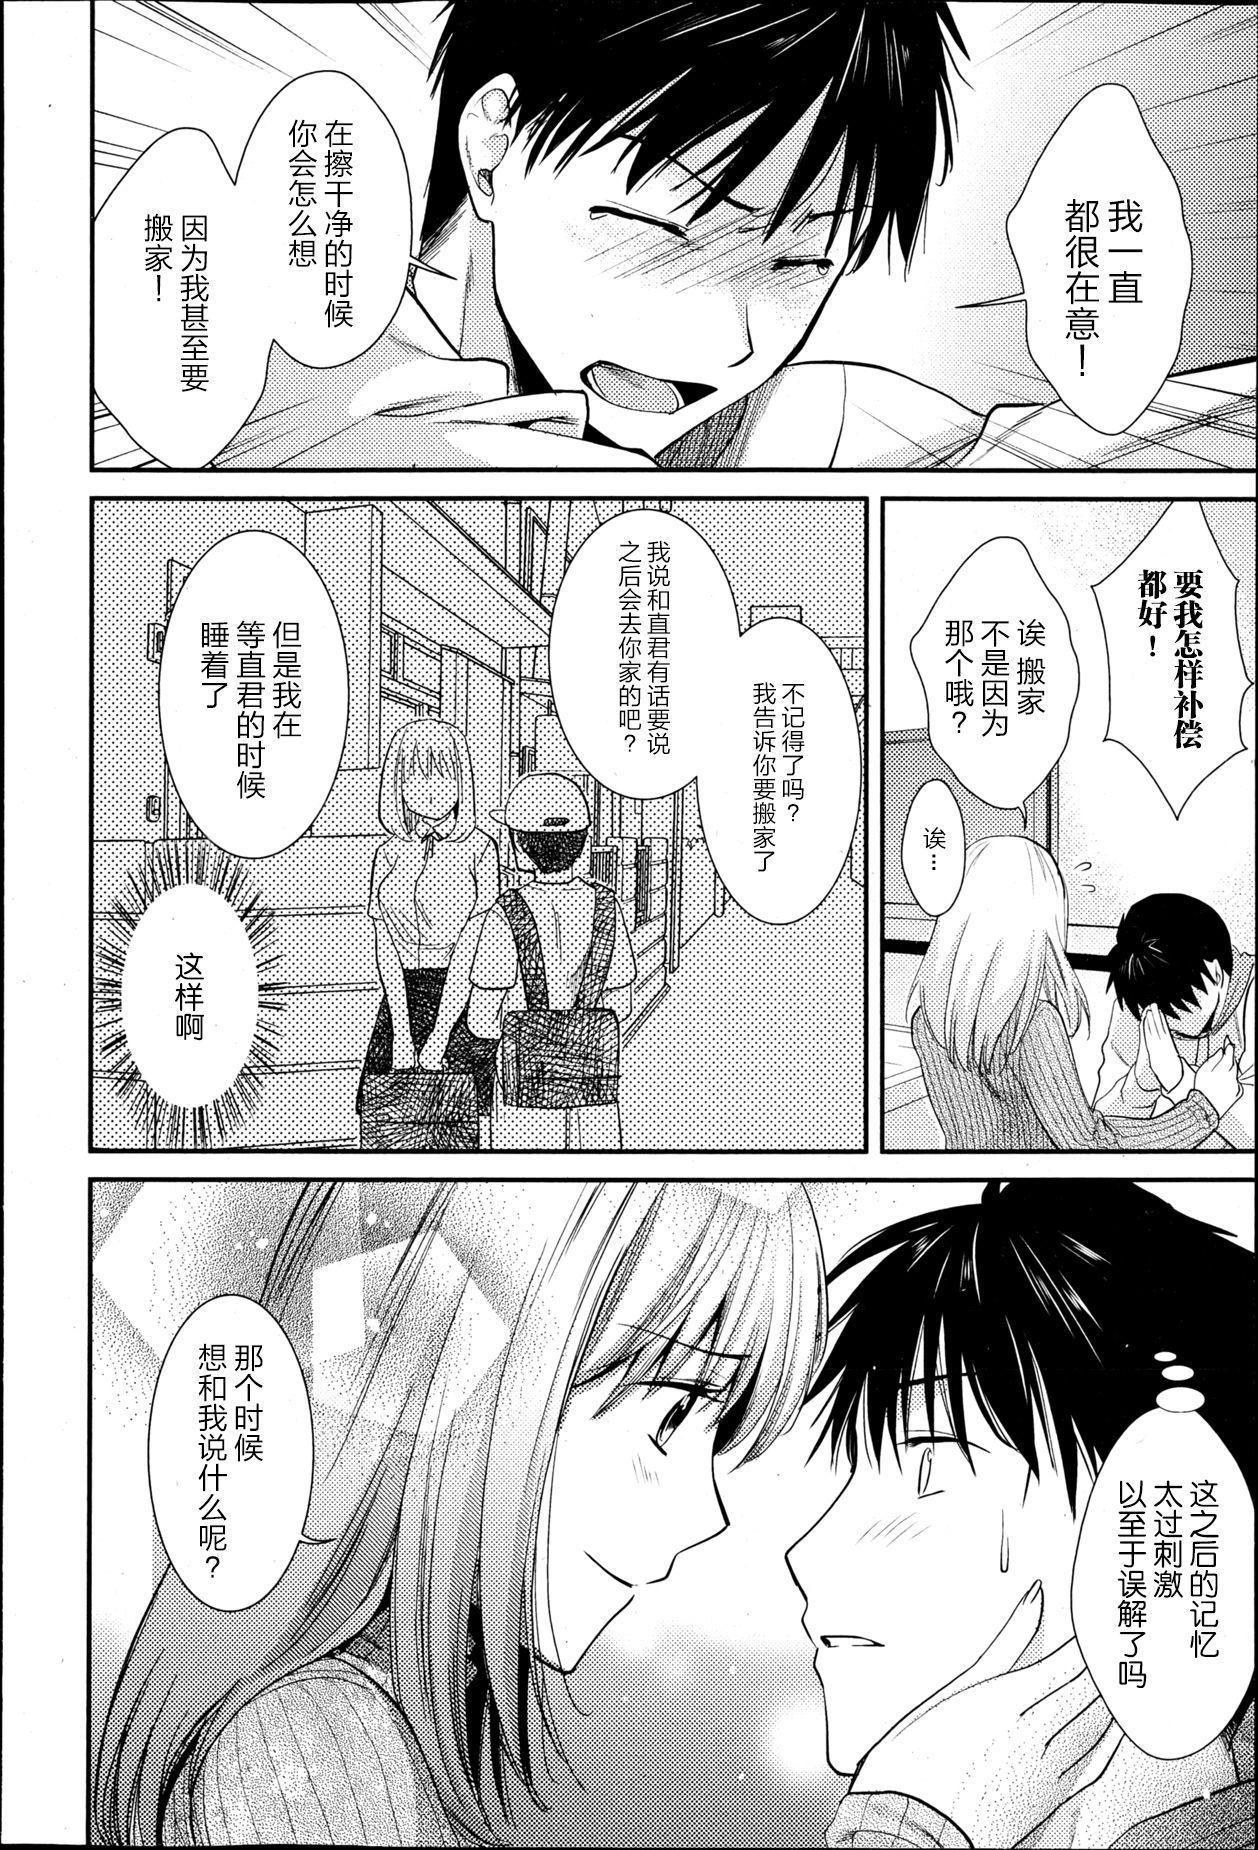 Anekoi Memory 9